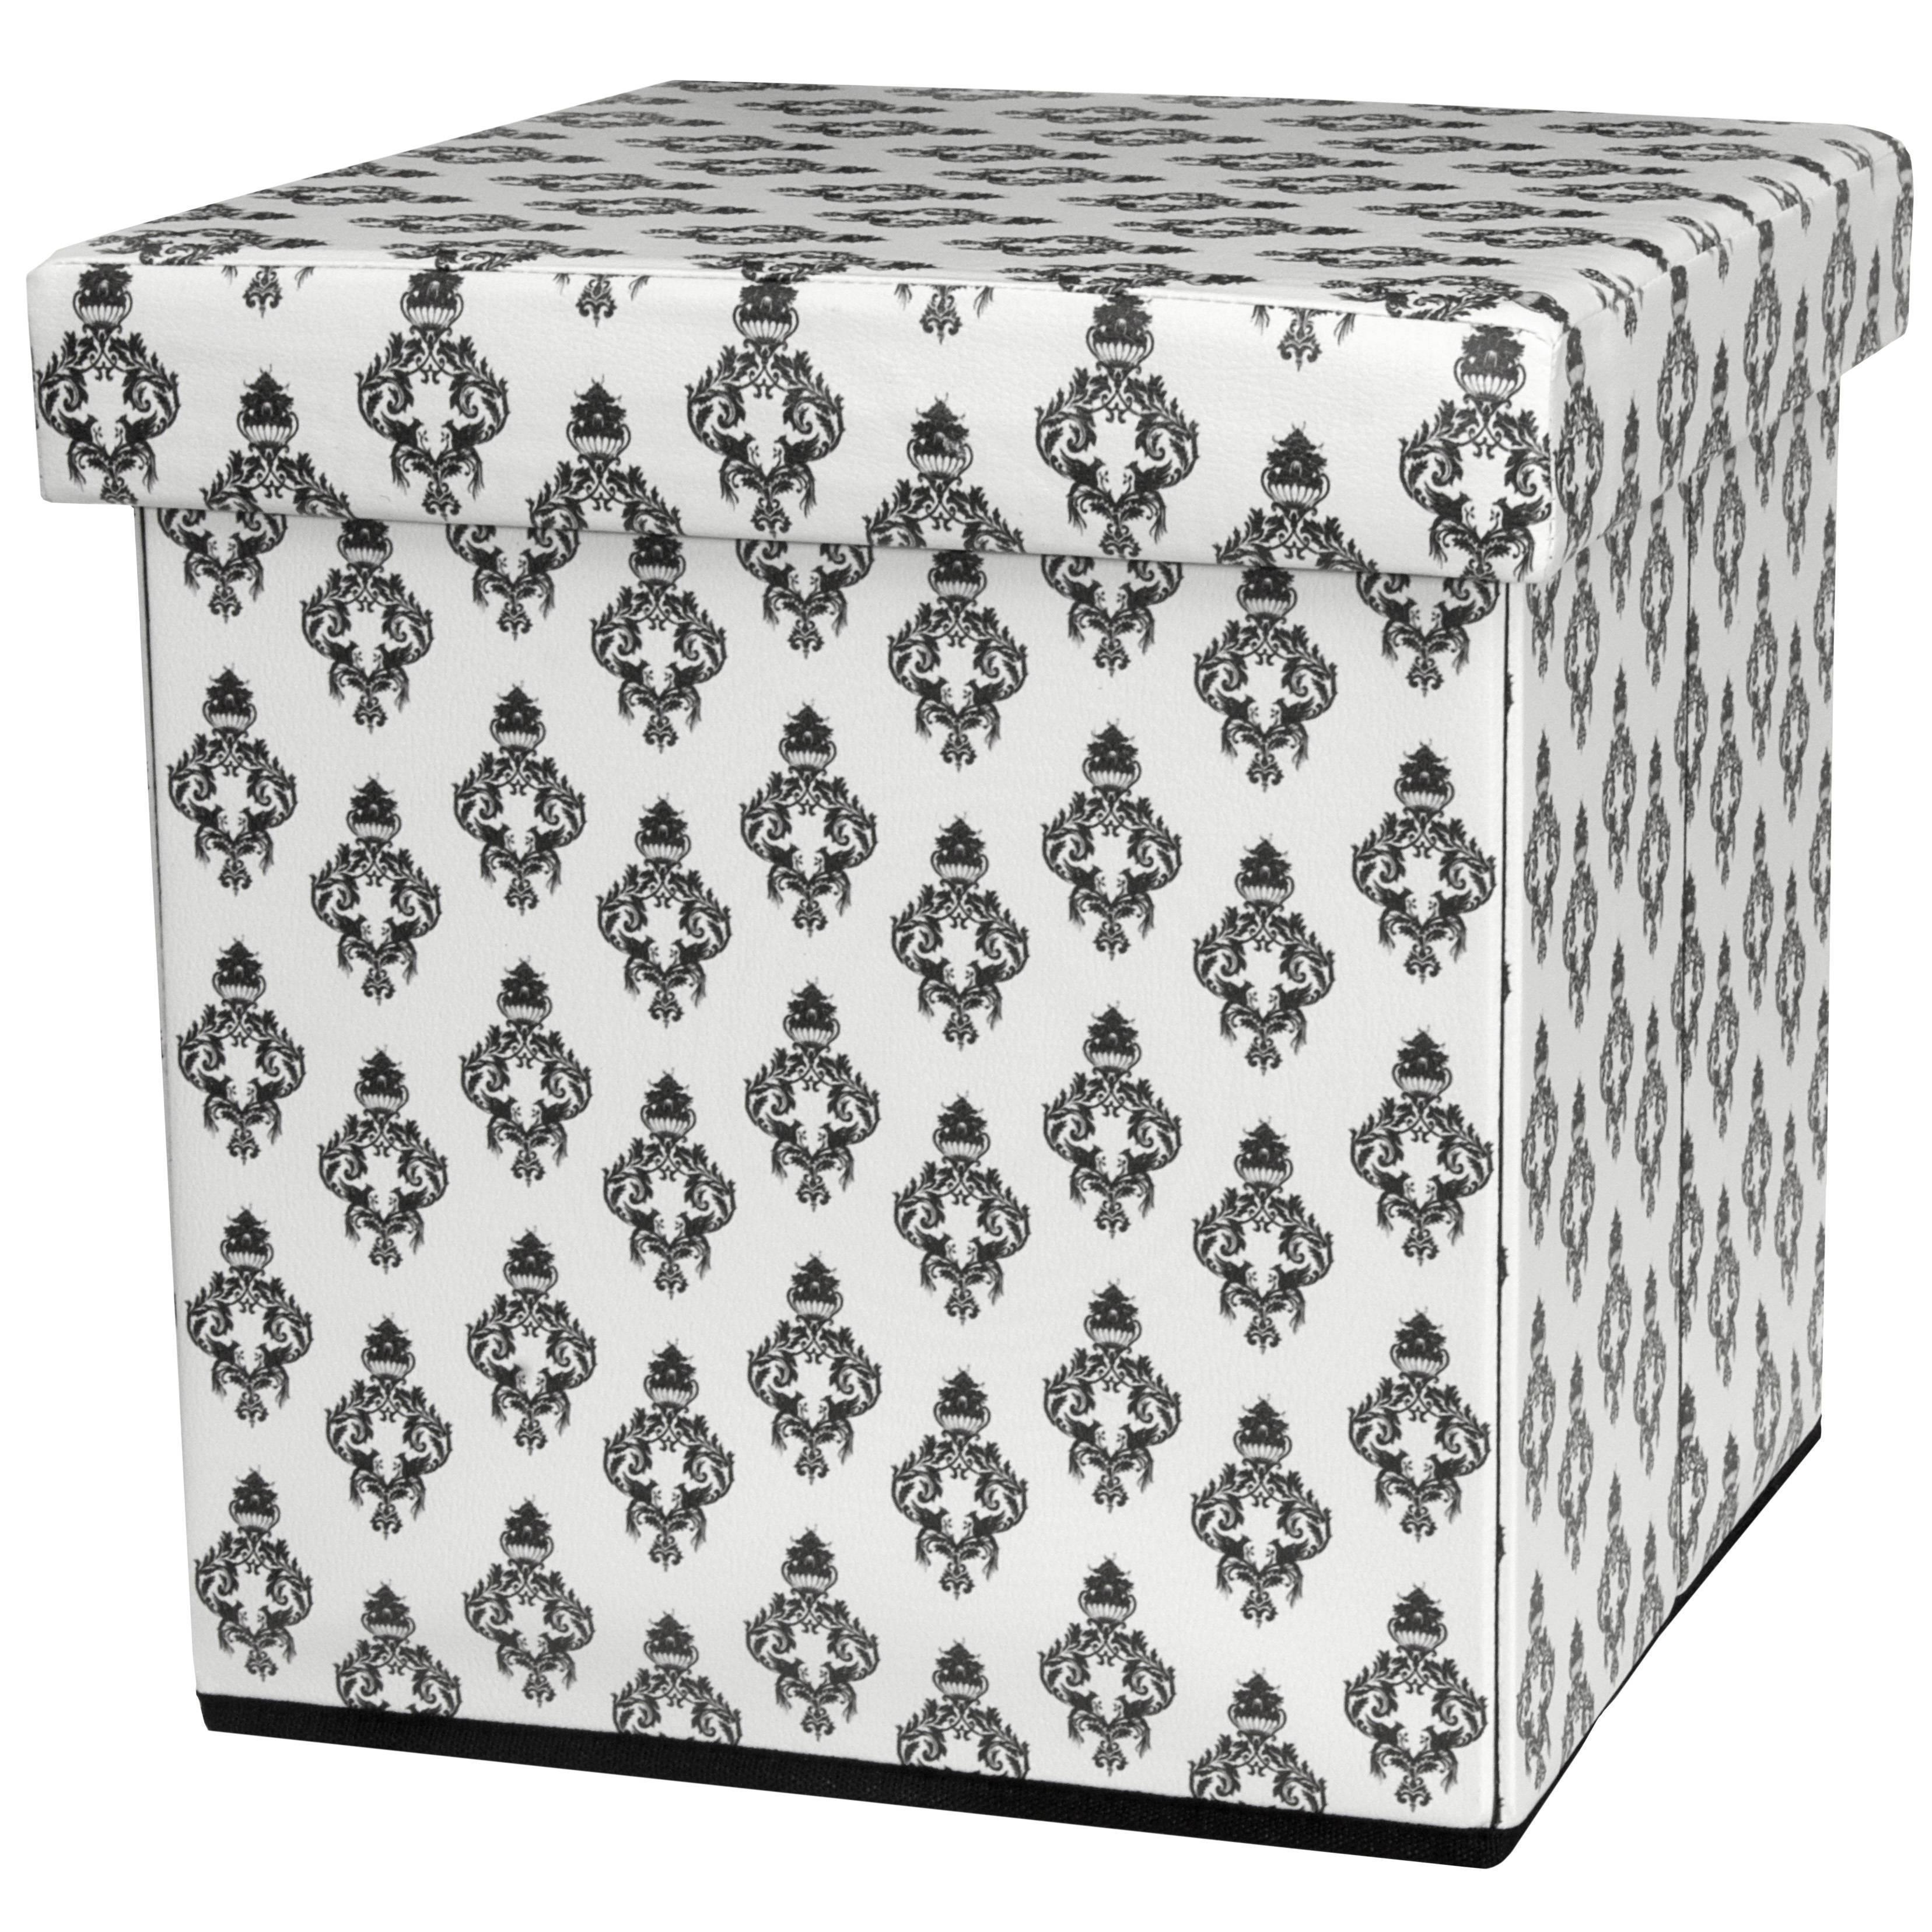 ORIENTAL Furniture White Faux Leather Storage Ottoman